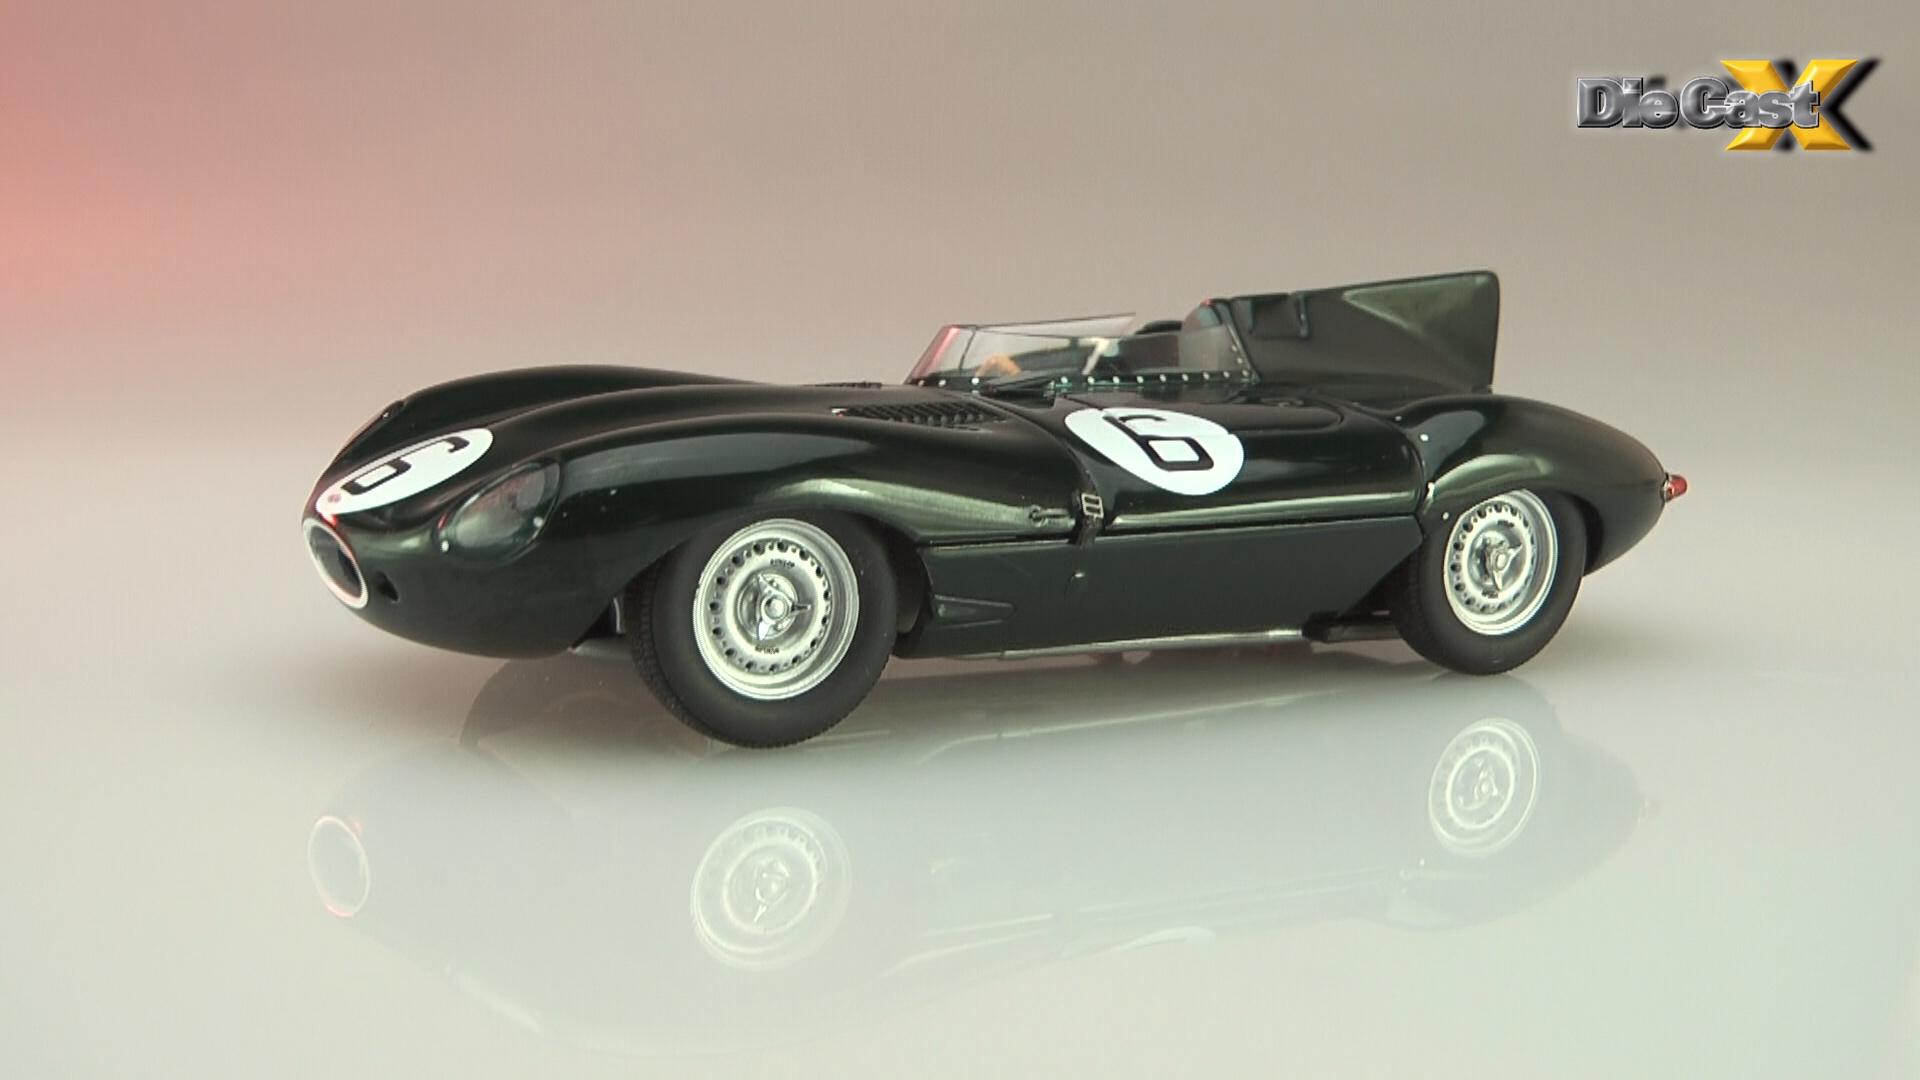 AUTOart 1:43 1955 Jaguar D-Type Le Mans: Tragic Magic